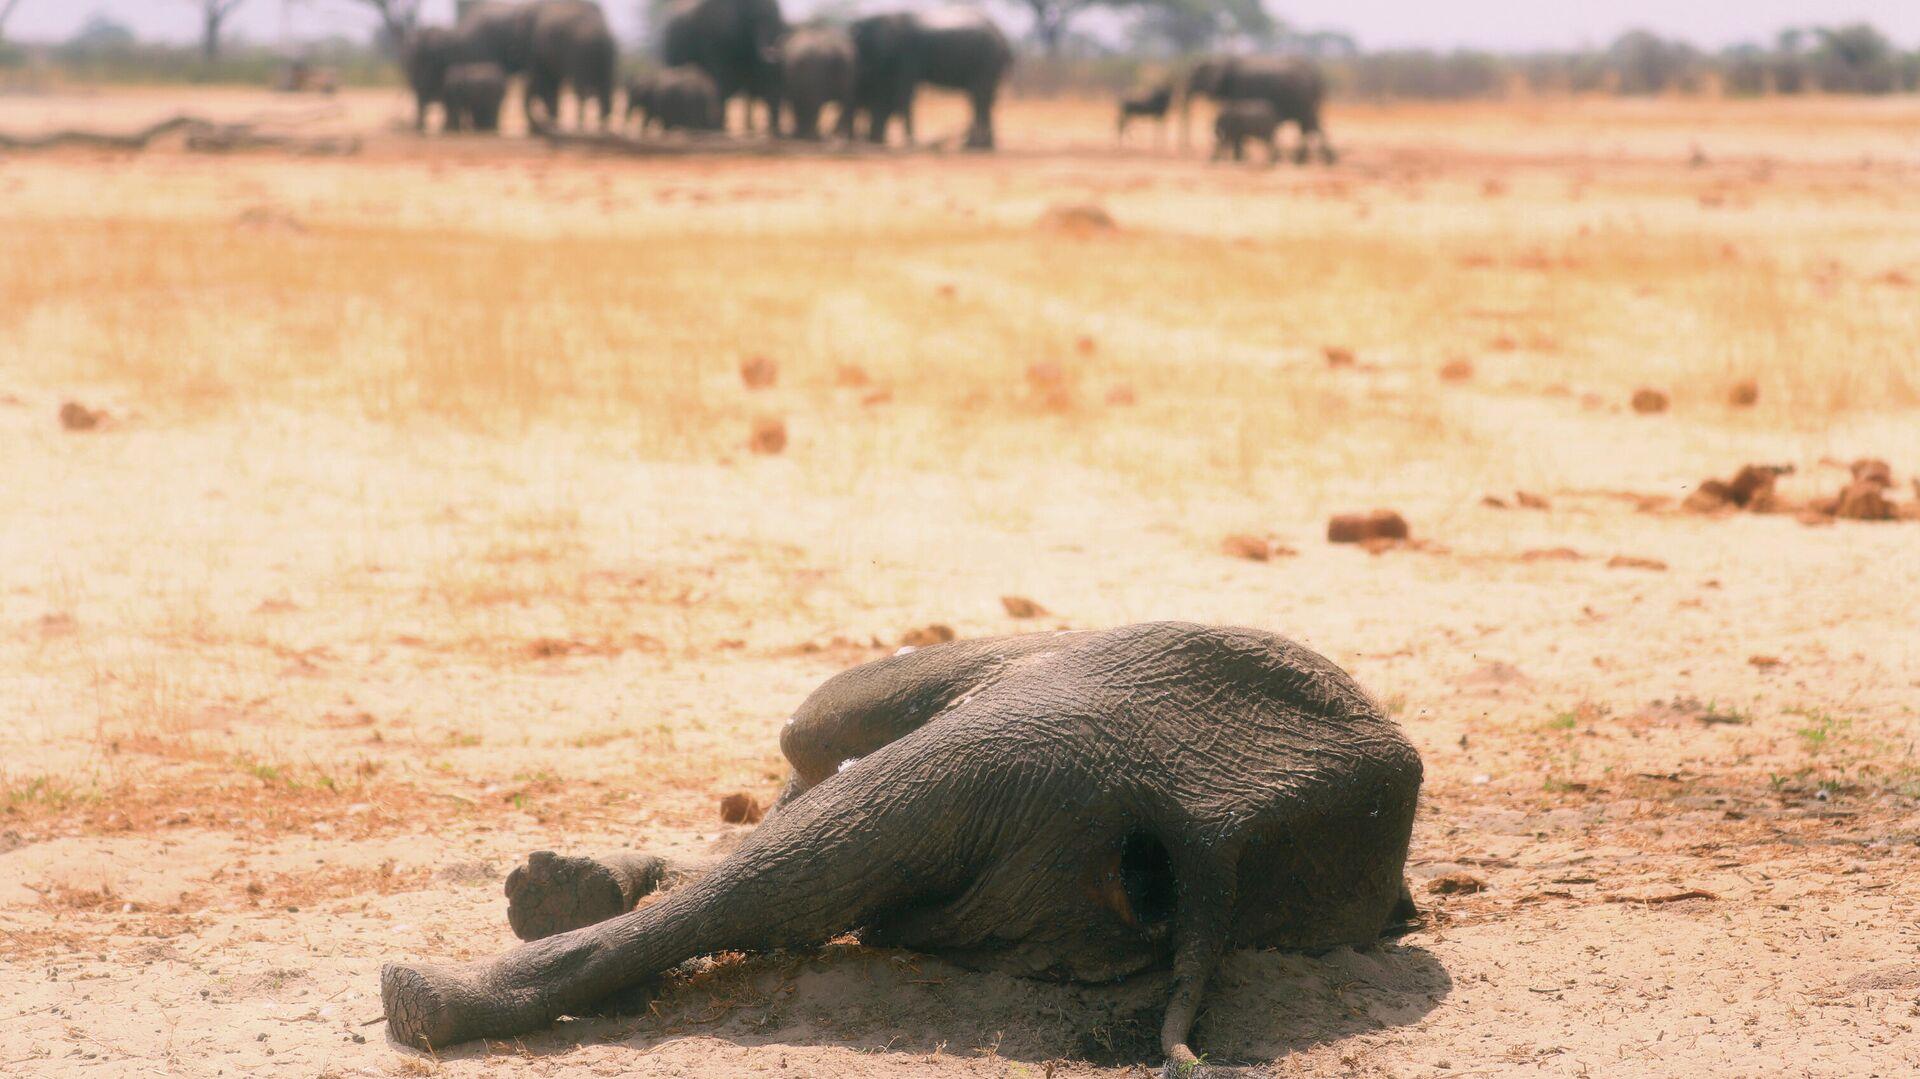 Мертвый слон в национальном парке Хуэндж в Зимбабве - РИА Новости, 1920, 29.09.2020